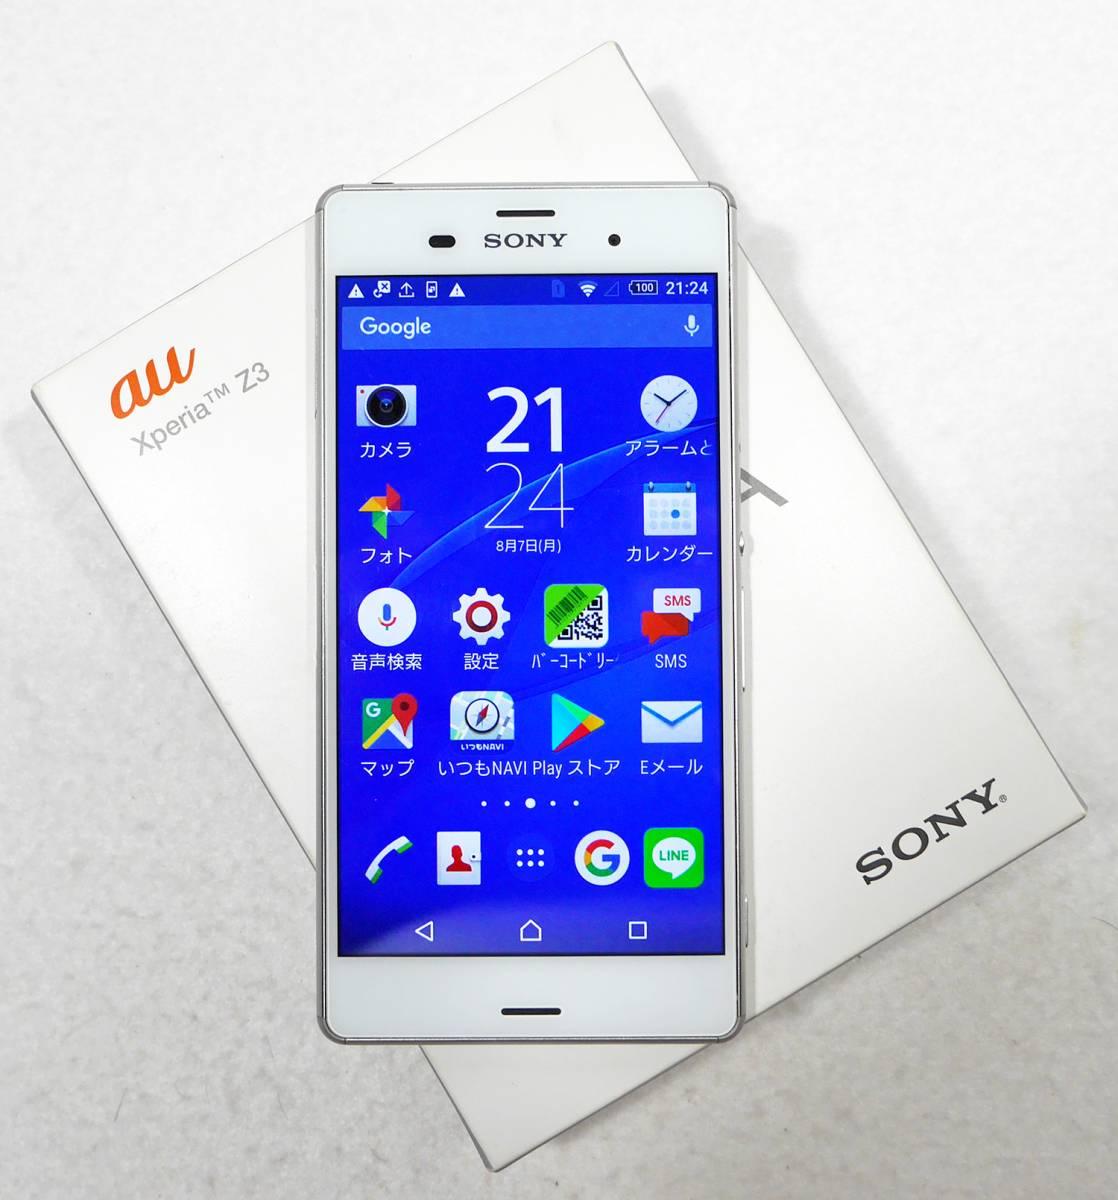 【美品】au SONY Xperia Z3ホワイト 制限〇+付属品・全一式付